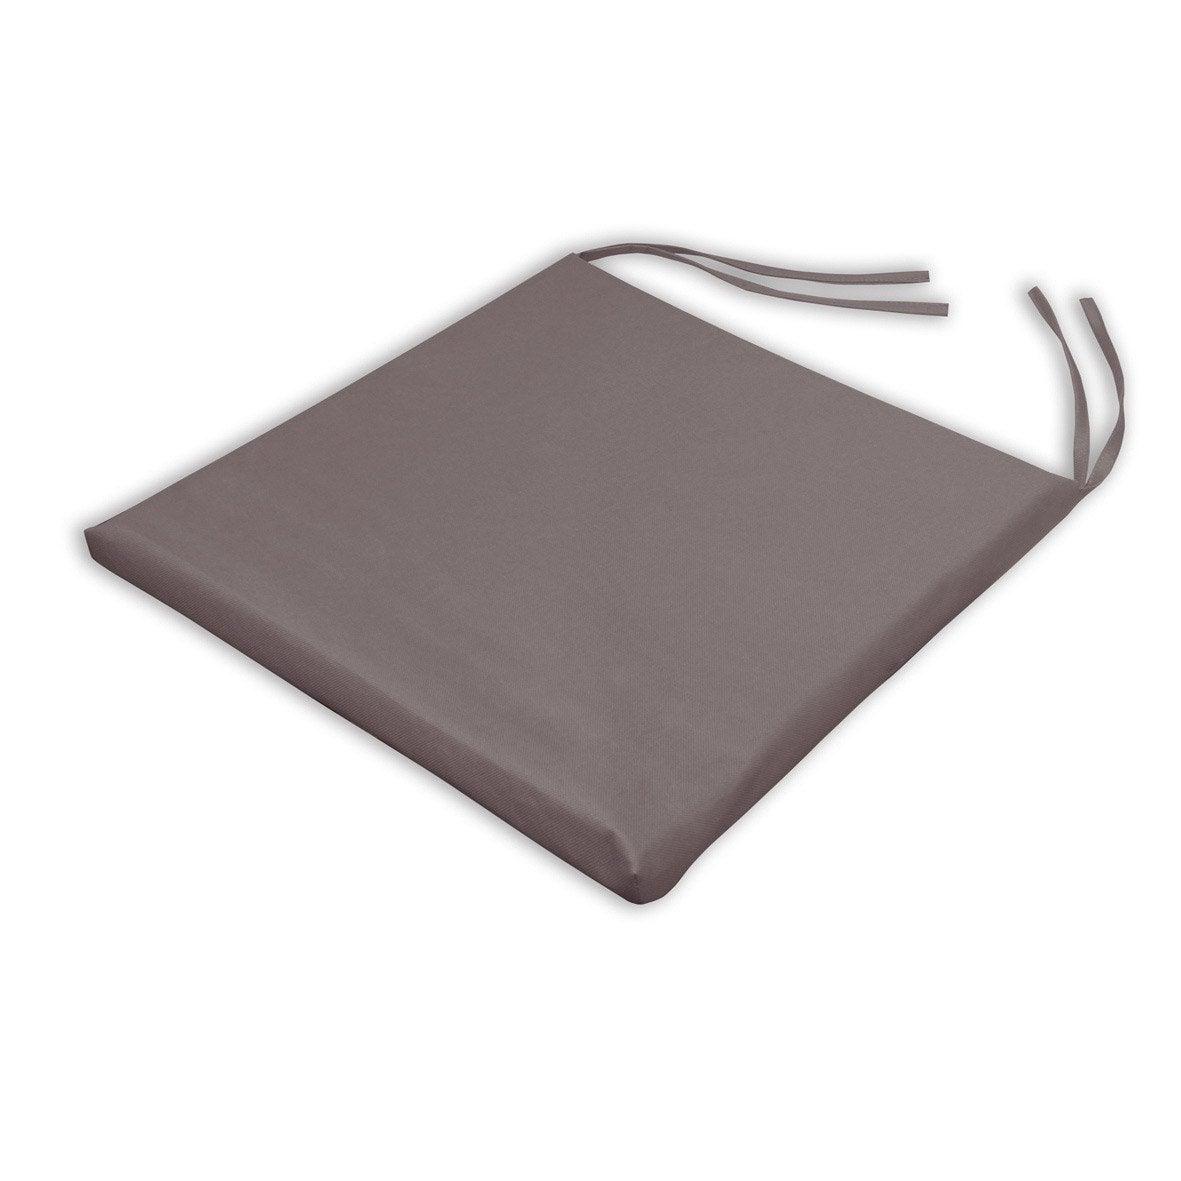 Galette de chaise imperm able basica chocolat x p - Galette chaise exterieur impermeable ...